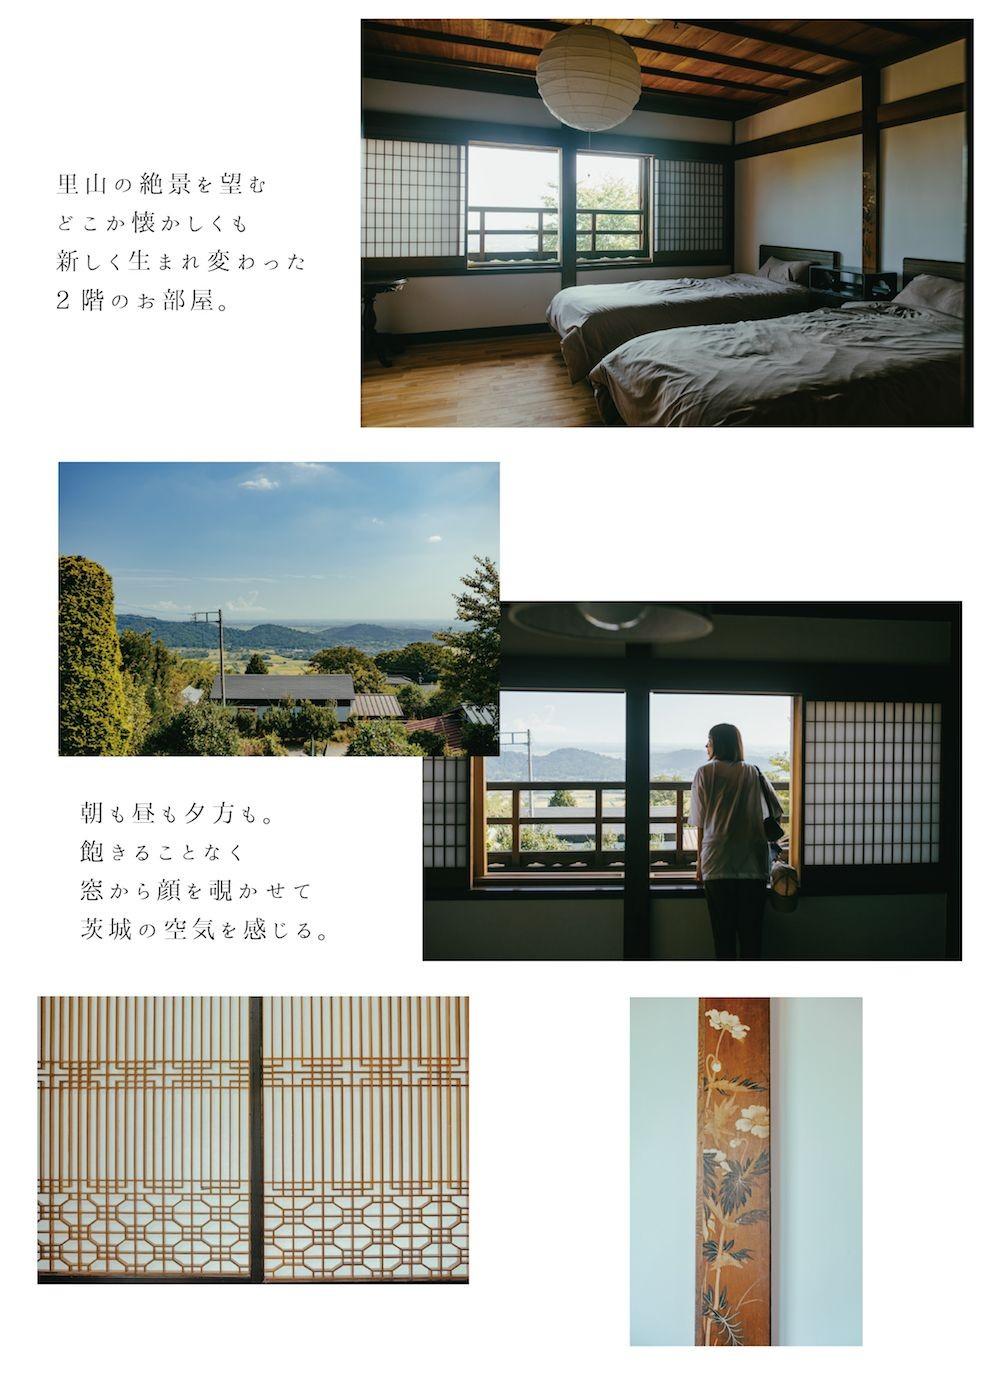 【STAY】自転車旅の疲れを癒す、こころ和む宿|「美しき、田舎景色を訪ねて。茨城自転車ものがたり。」の4枚目の画像